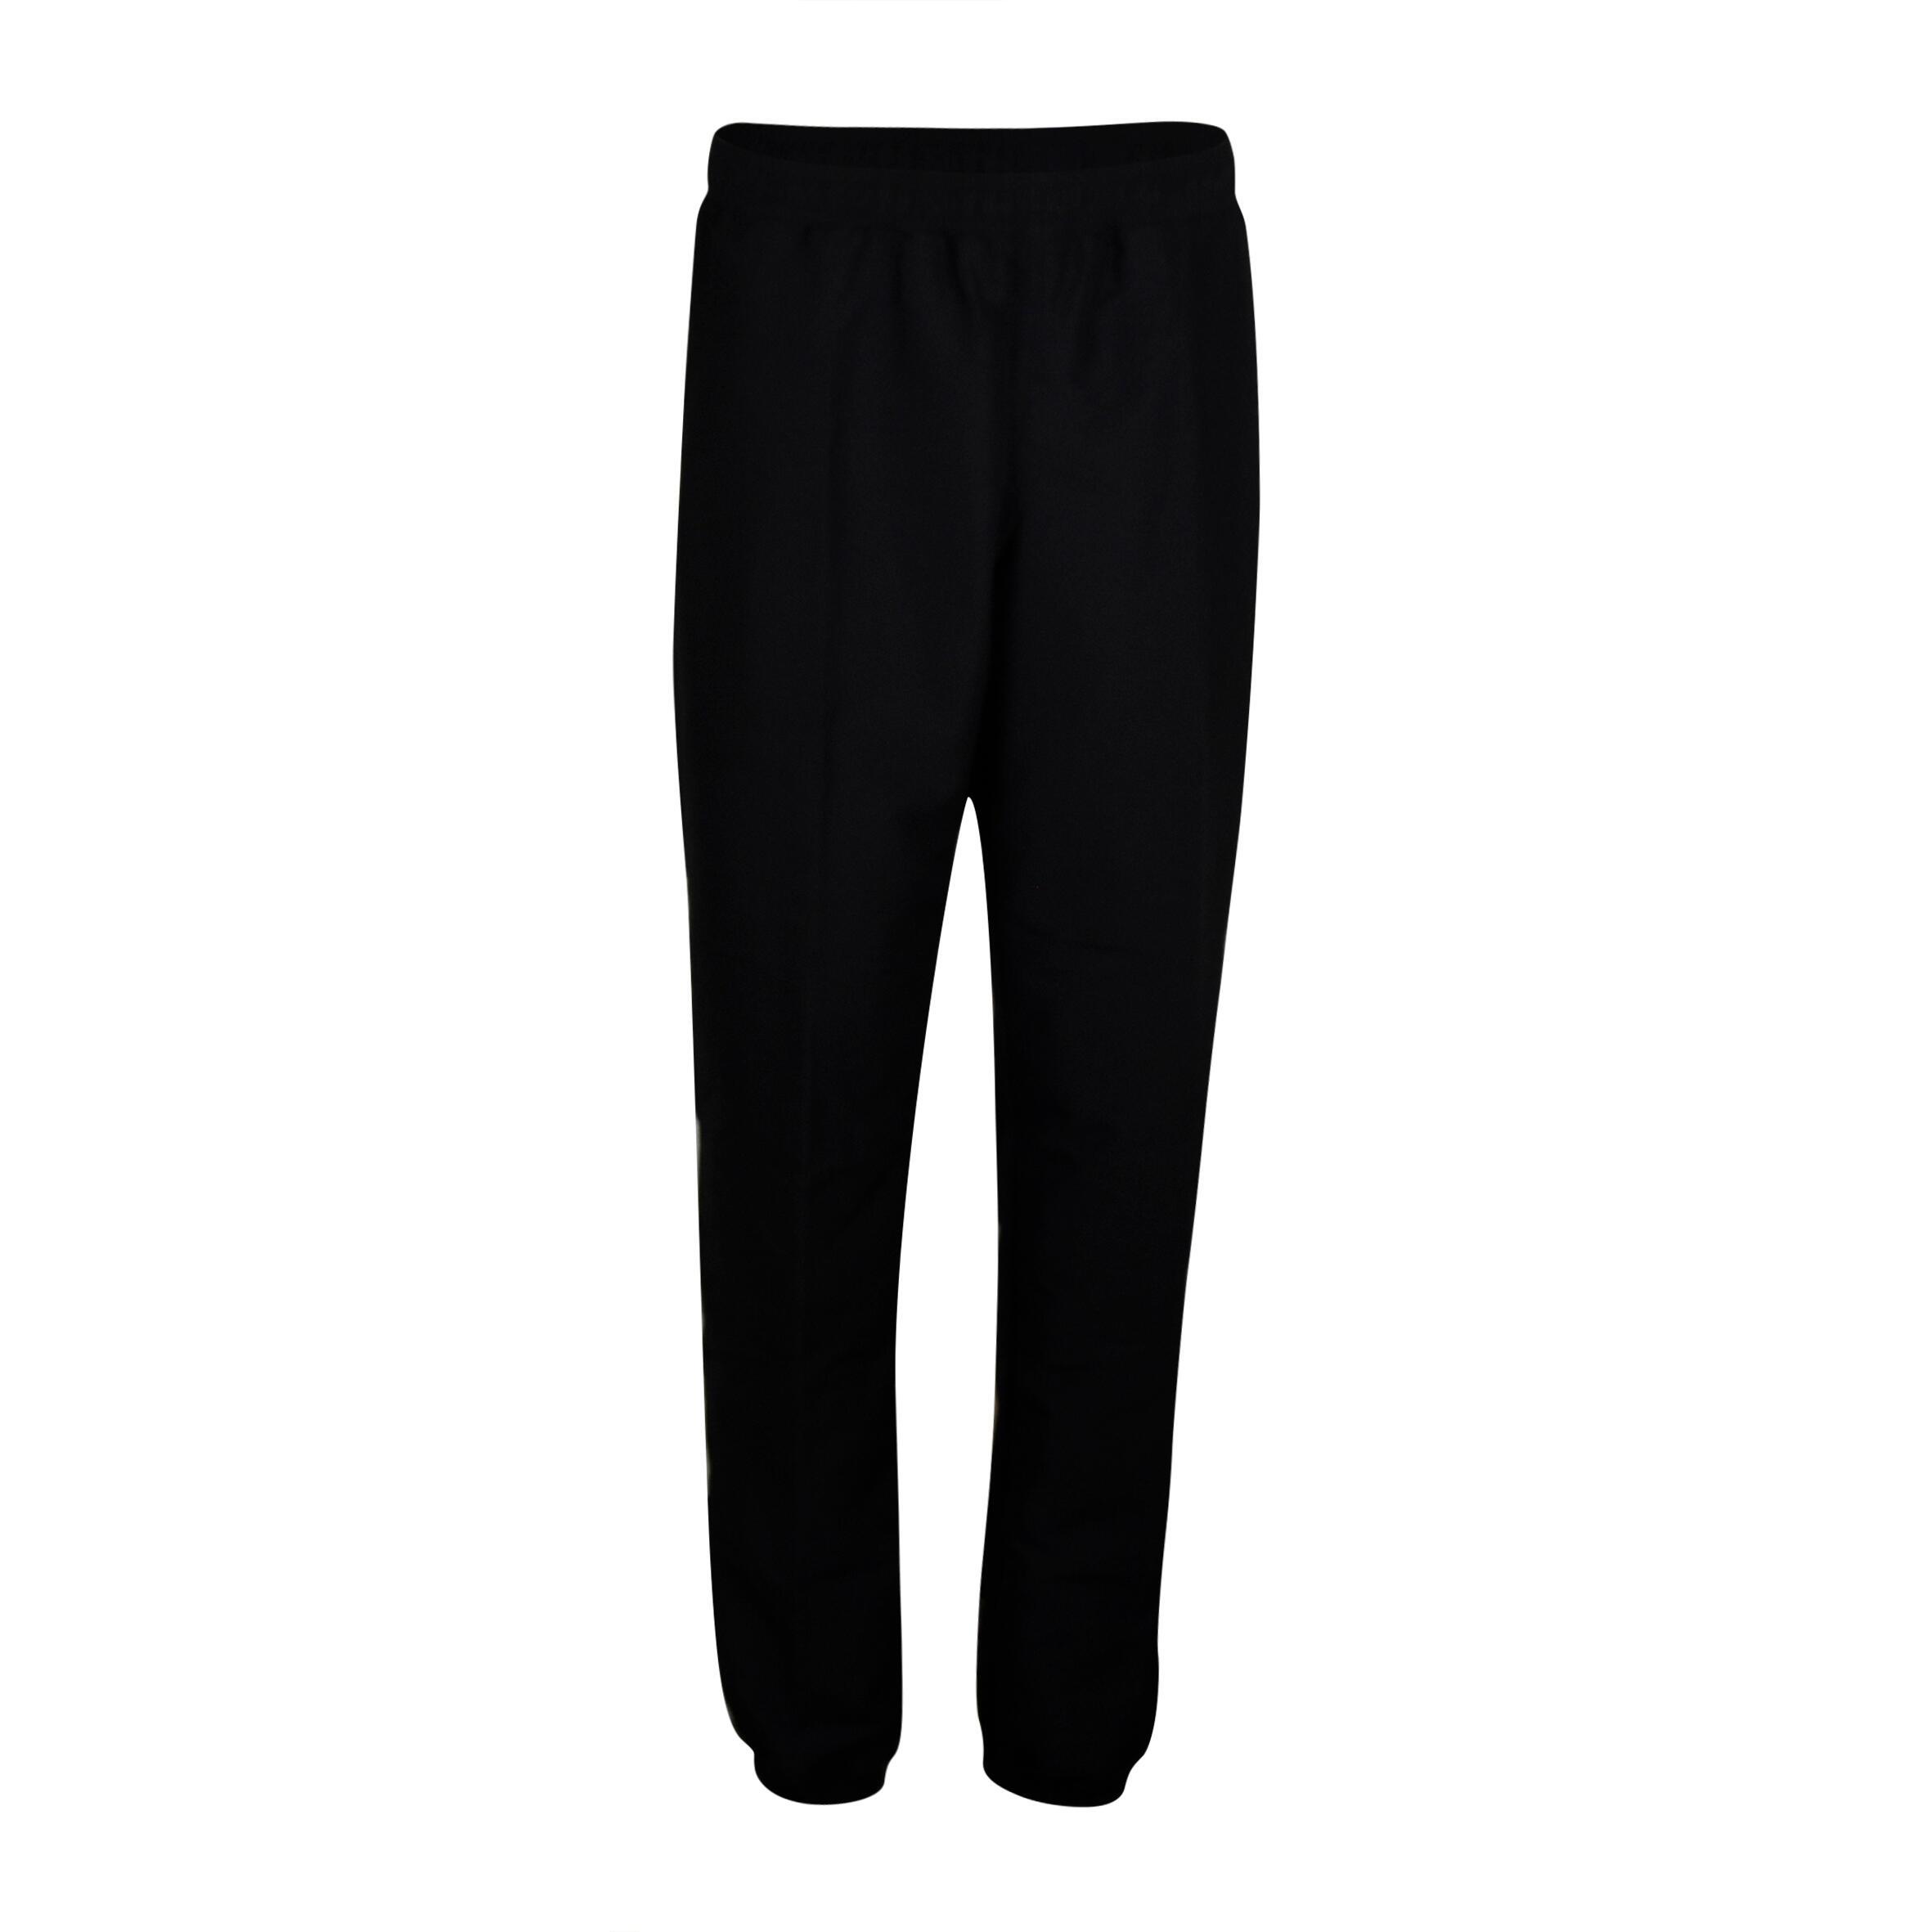 Pantalon survêtement entraînement cardio homme noir FPA100